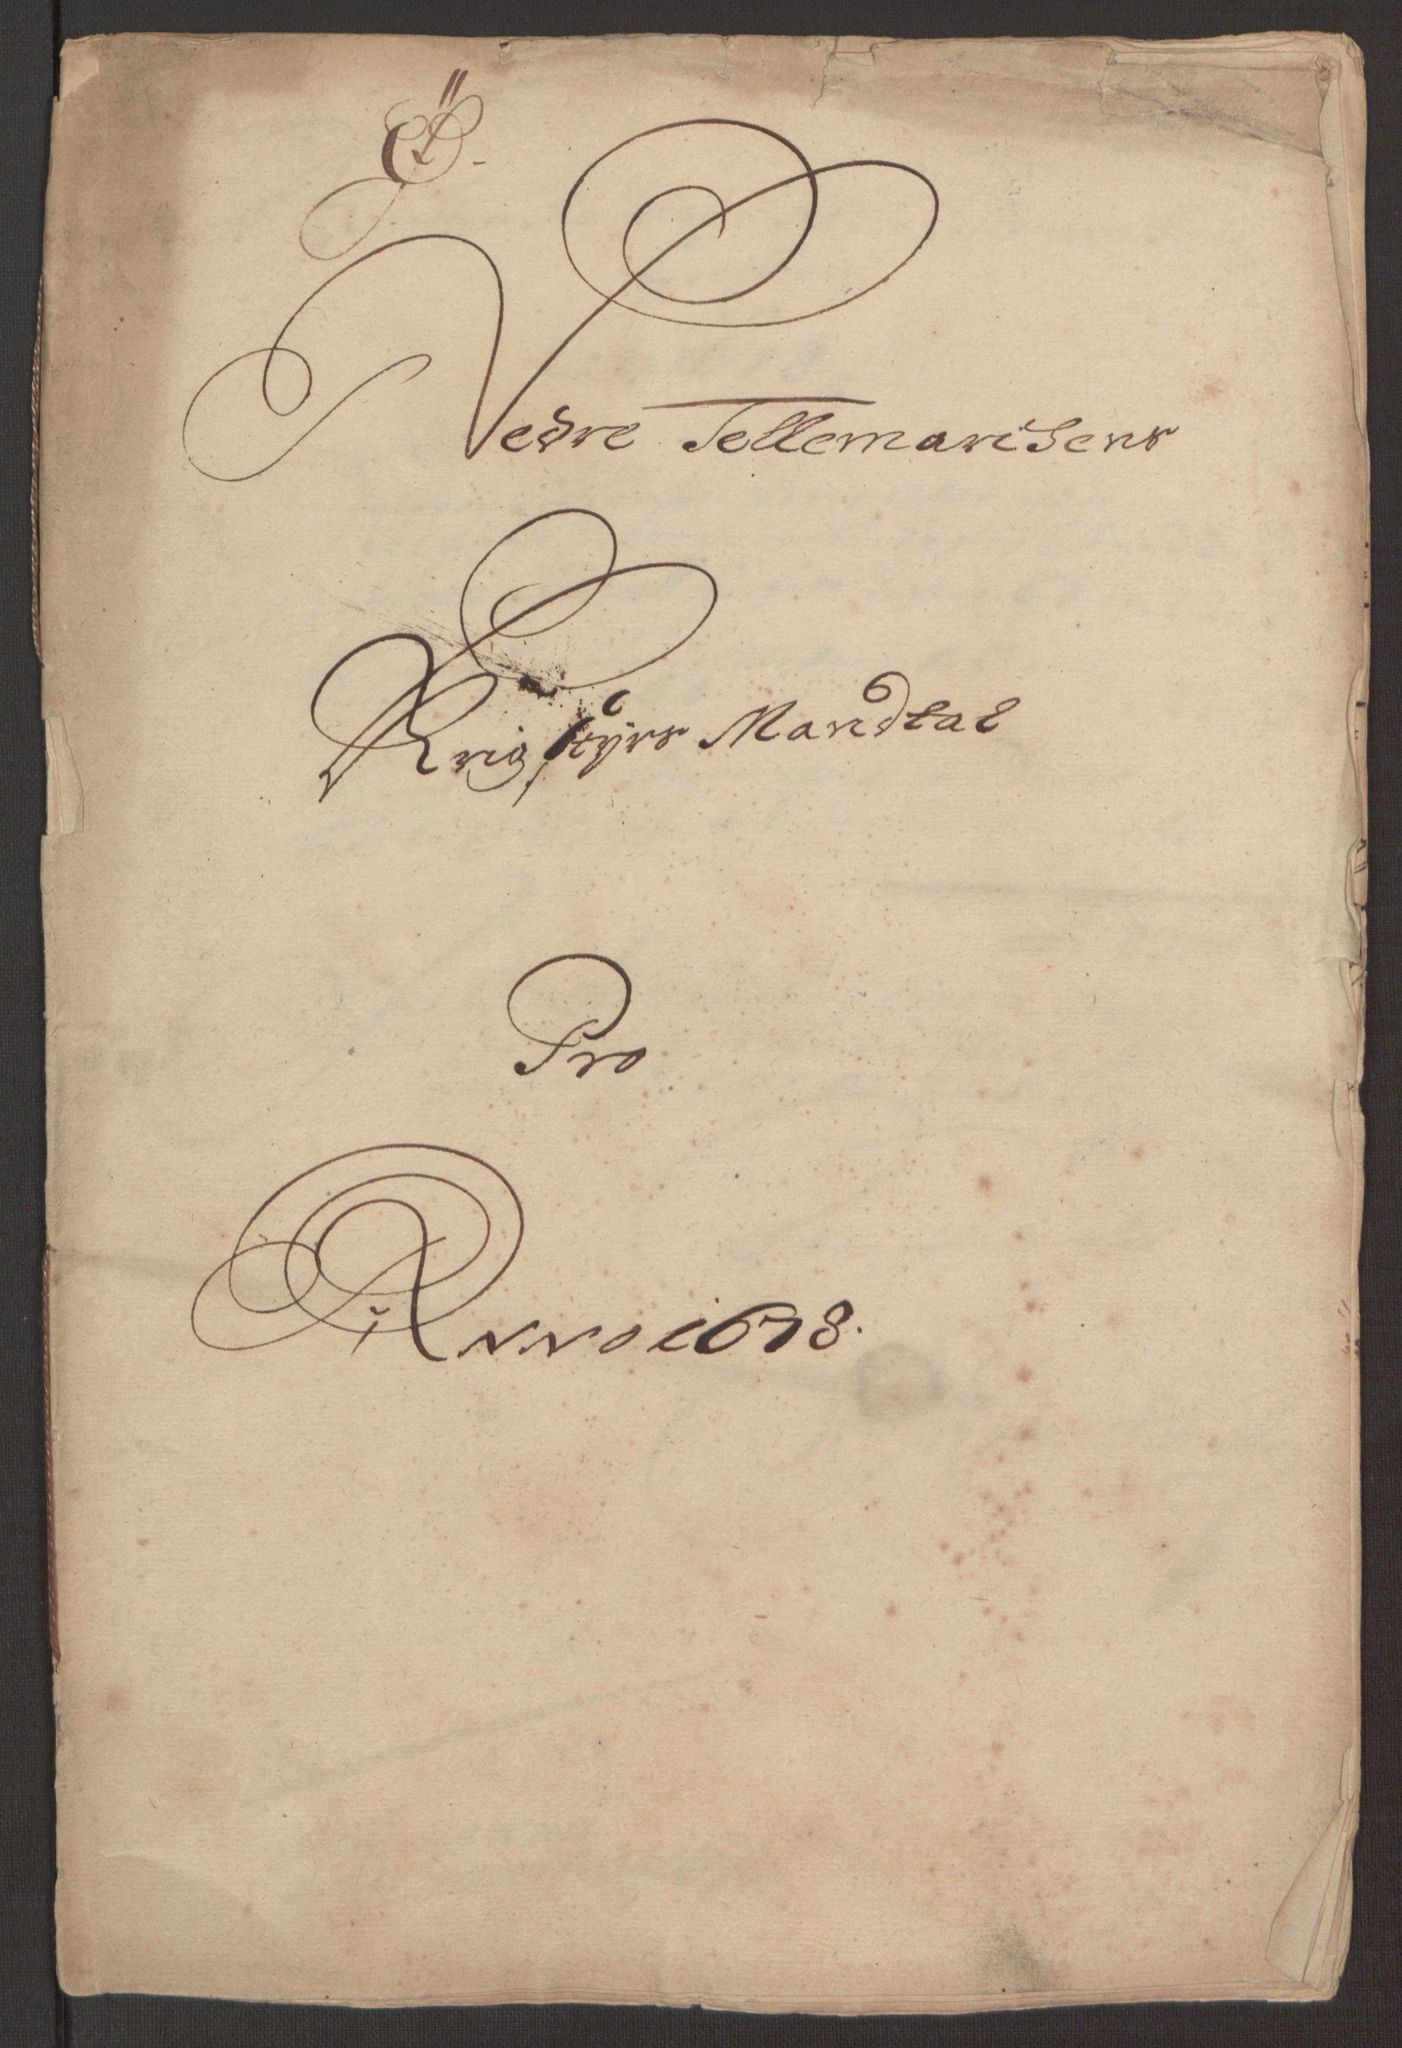 RA, Rentekammeret inntil 1814, Reviderte regnskaper, Fogderegnskap, R35/L2069: Fogderegnskap Øvre og Nedre Telemark, 1678, s. 229